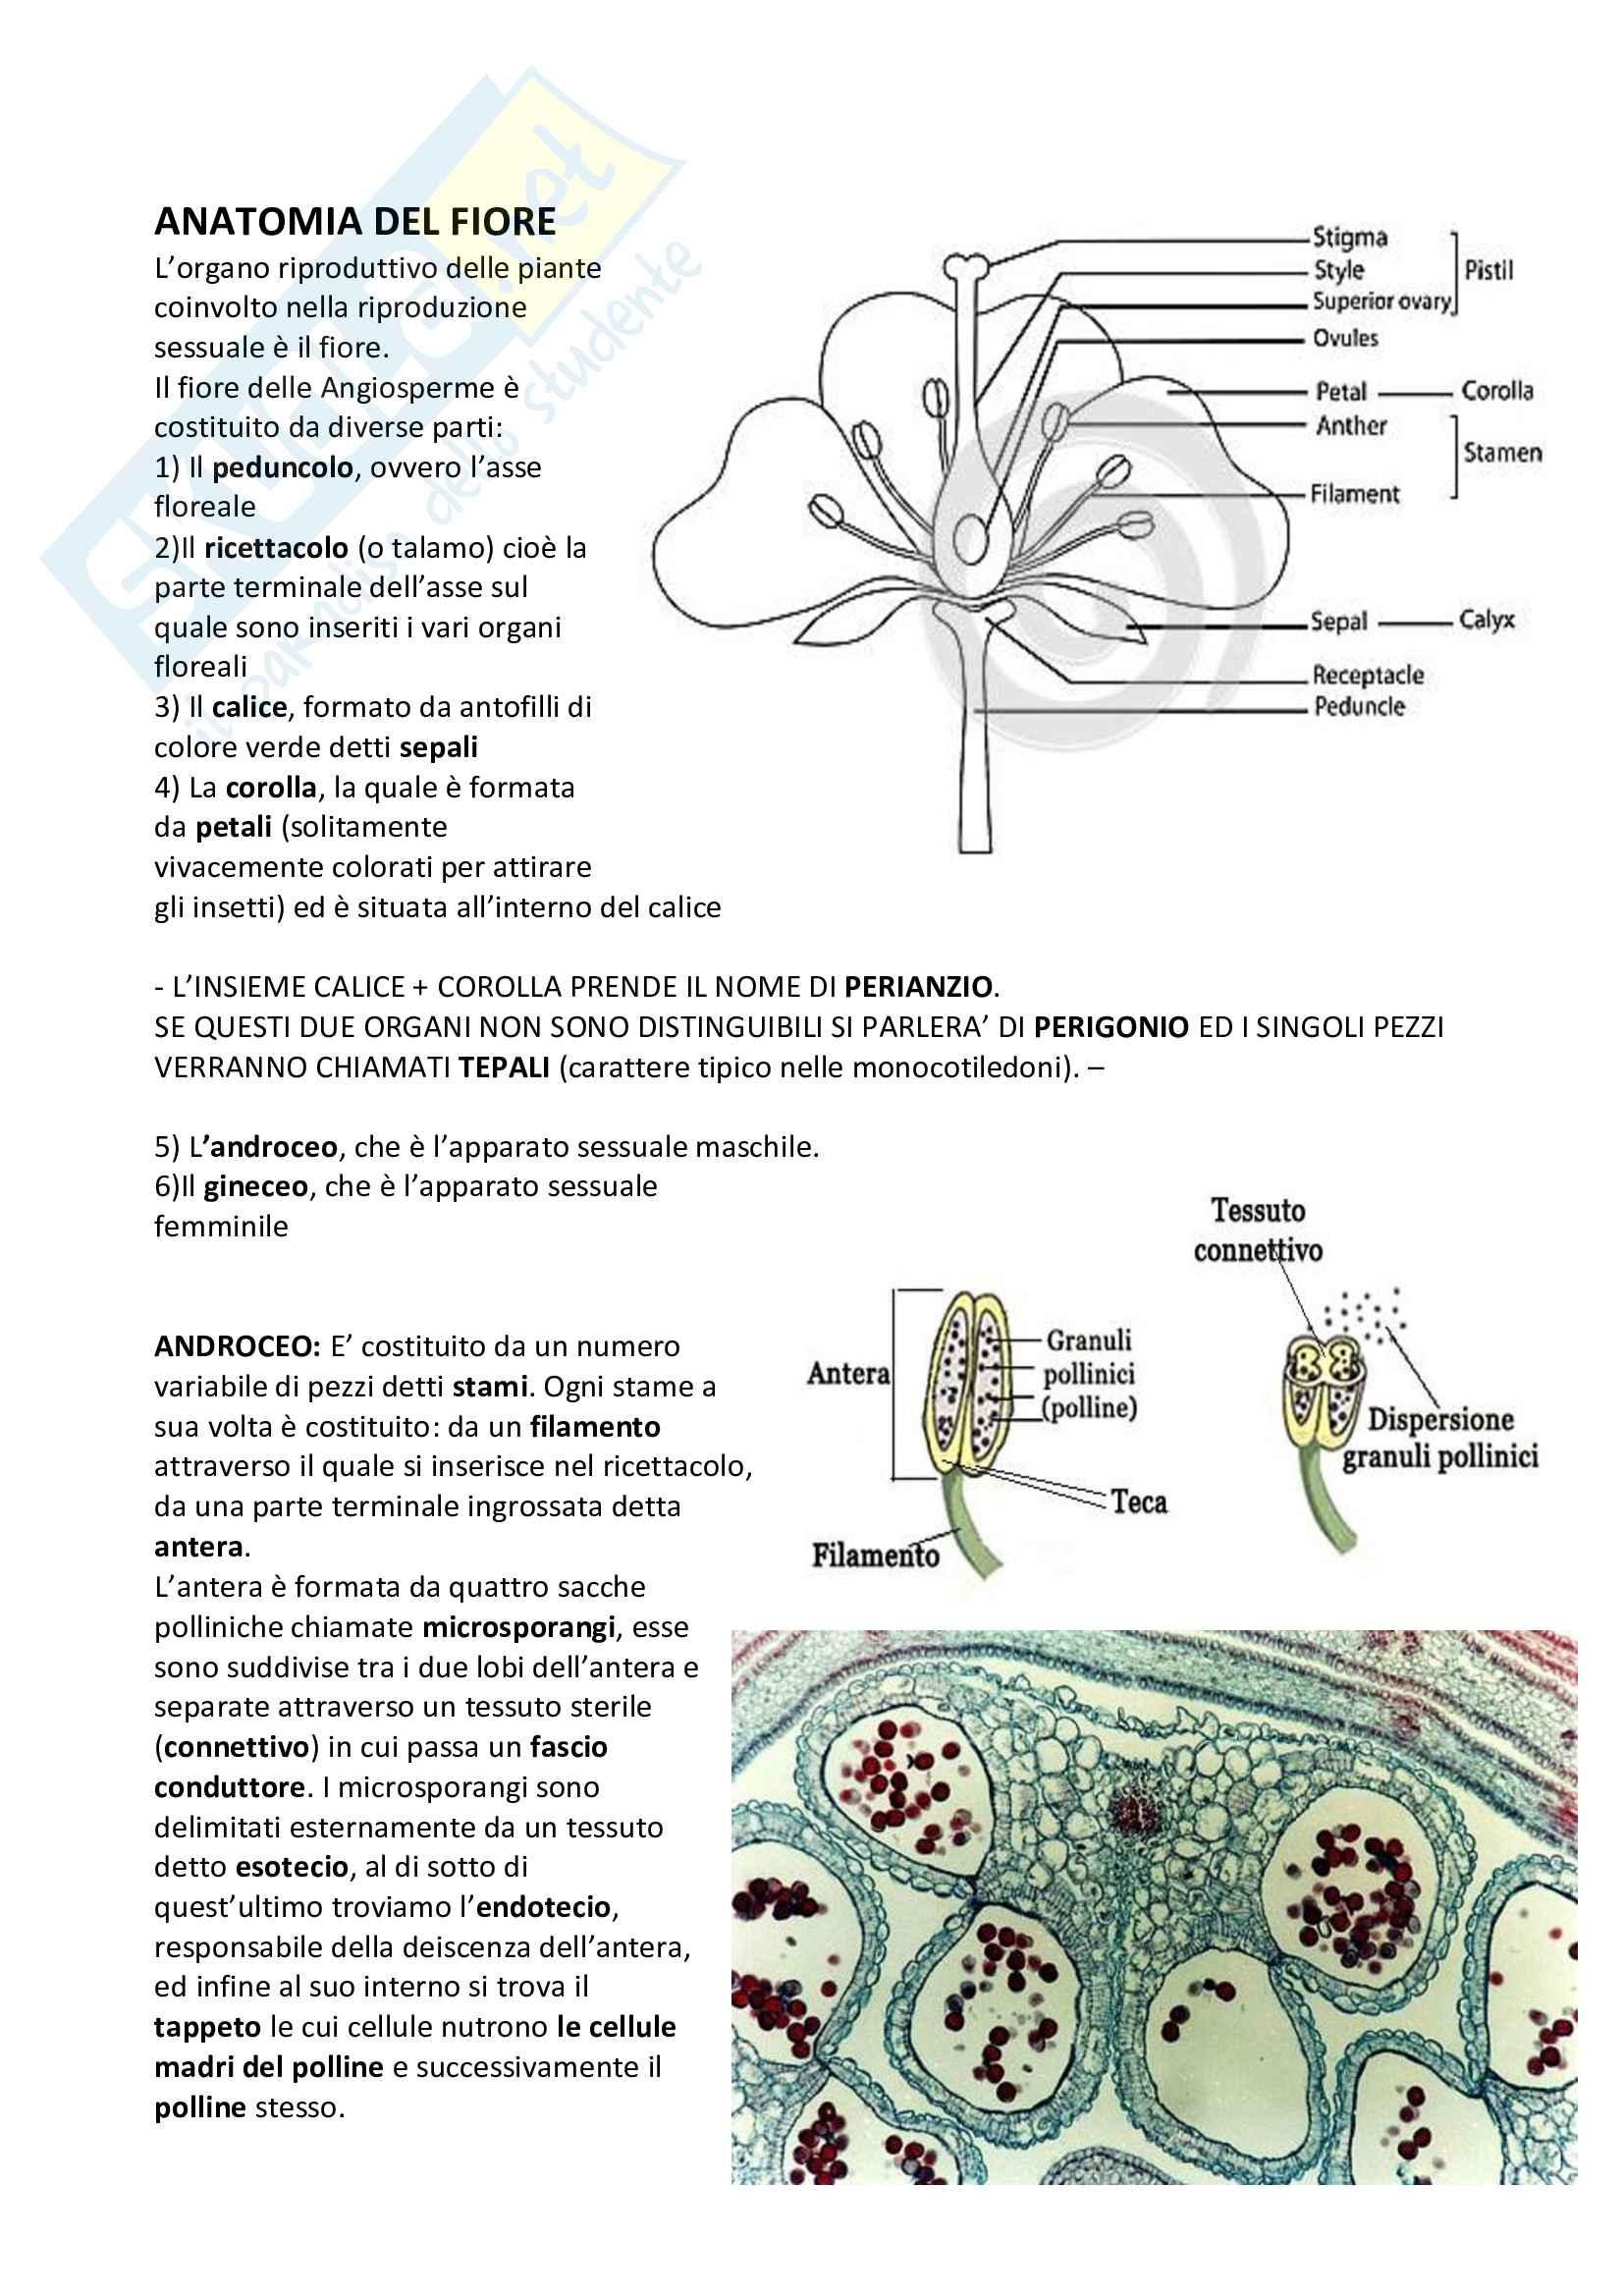 Descrizione dettagliata sul fiore